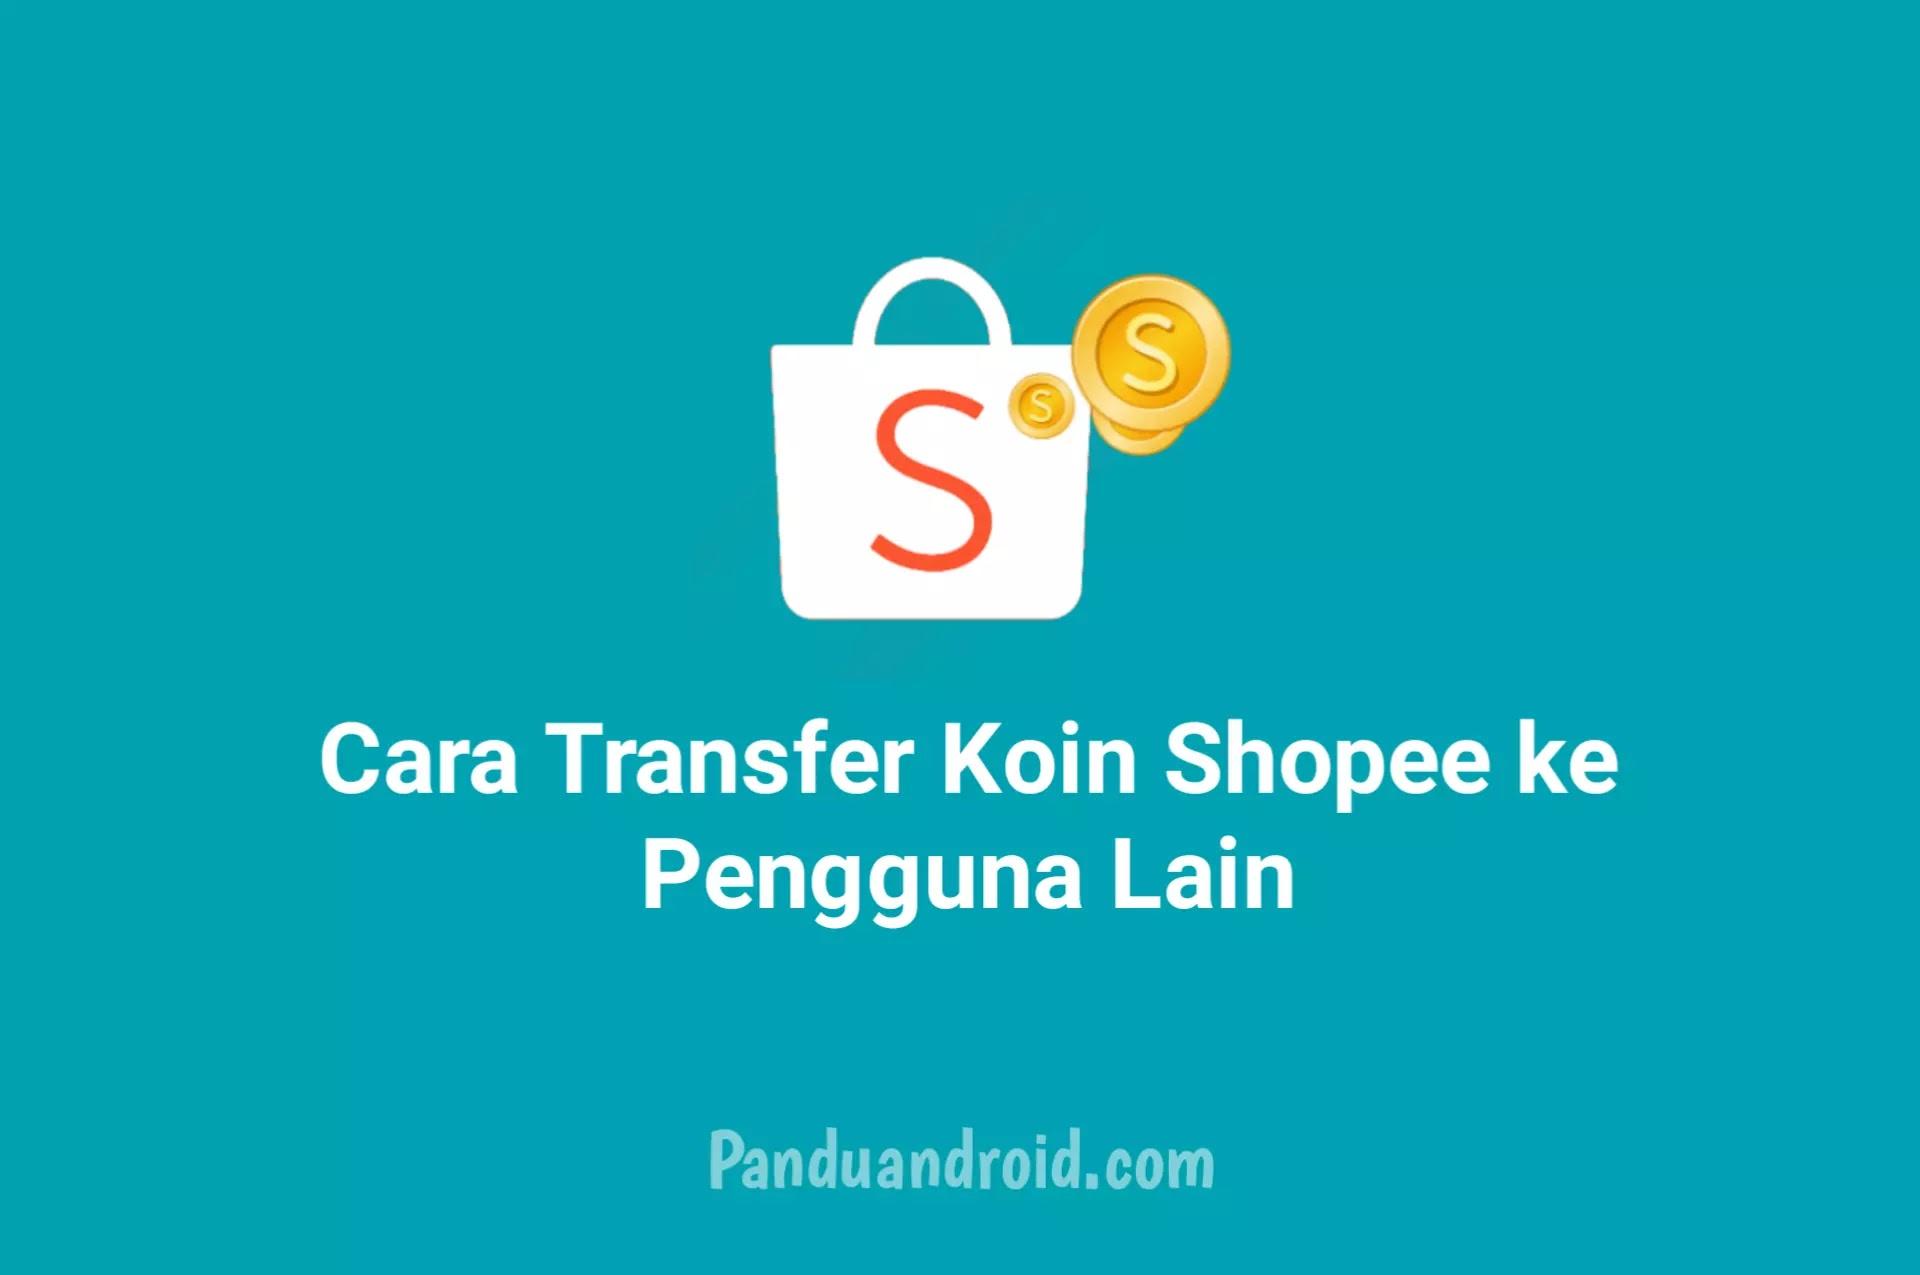 Cara Mengirim Koin Shopee ke Teman Dengan Cepat